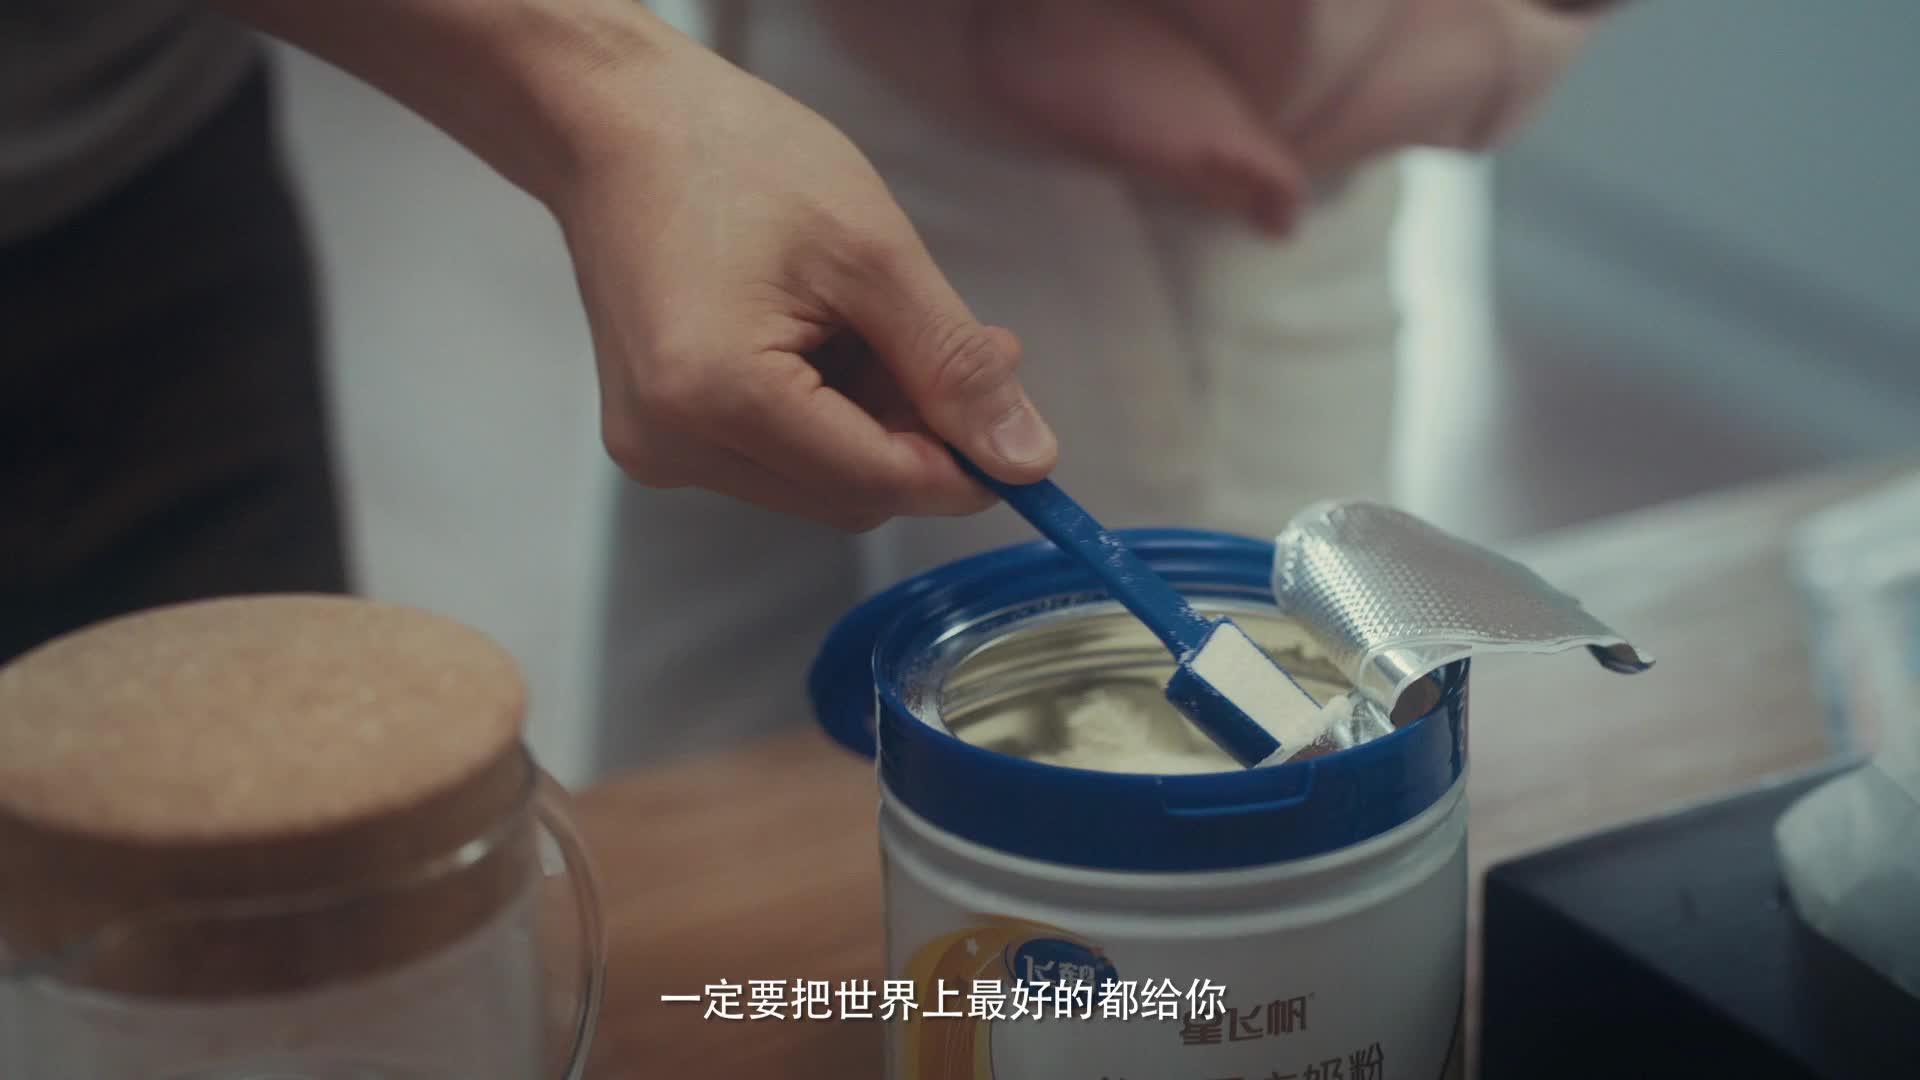 tvc广告片制作-飞鹤奶粉